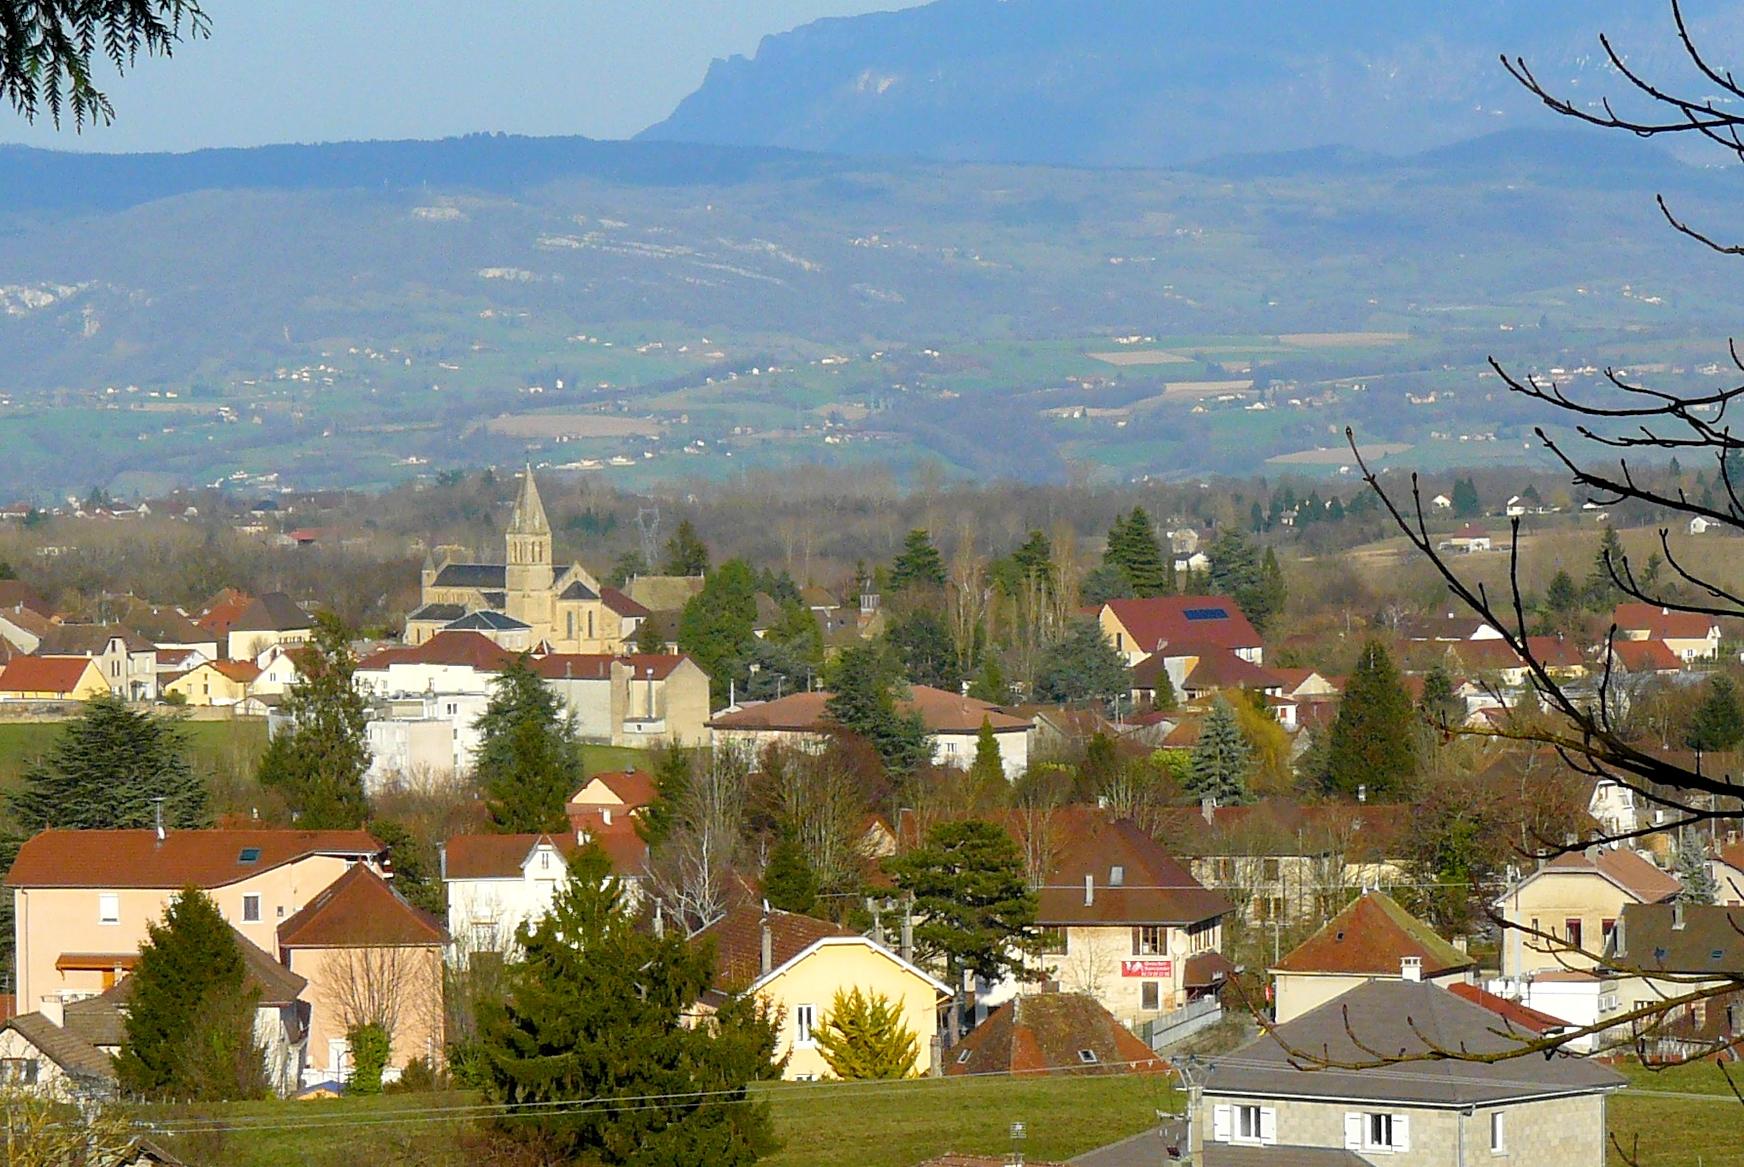 Saint-André-le-Gaz